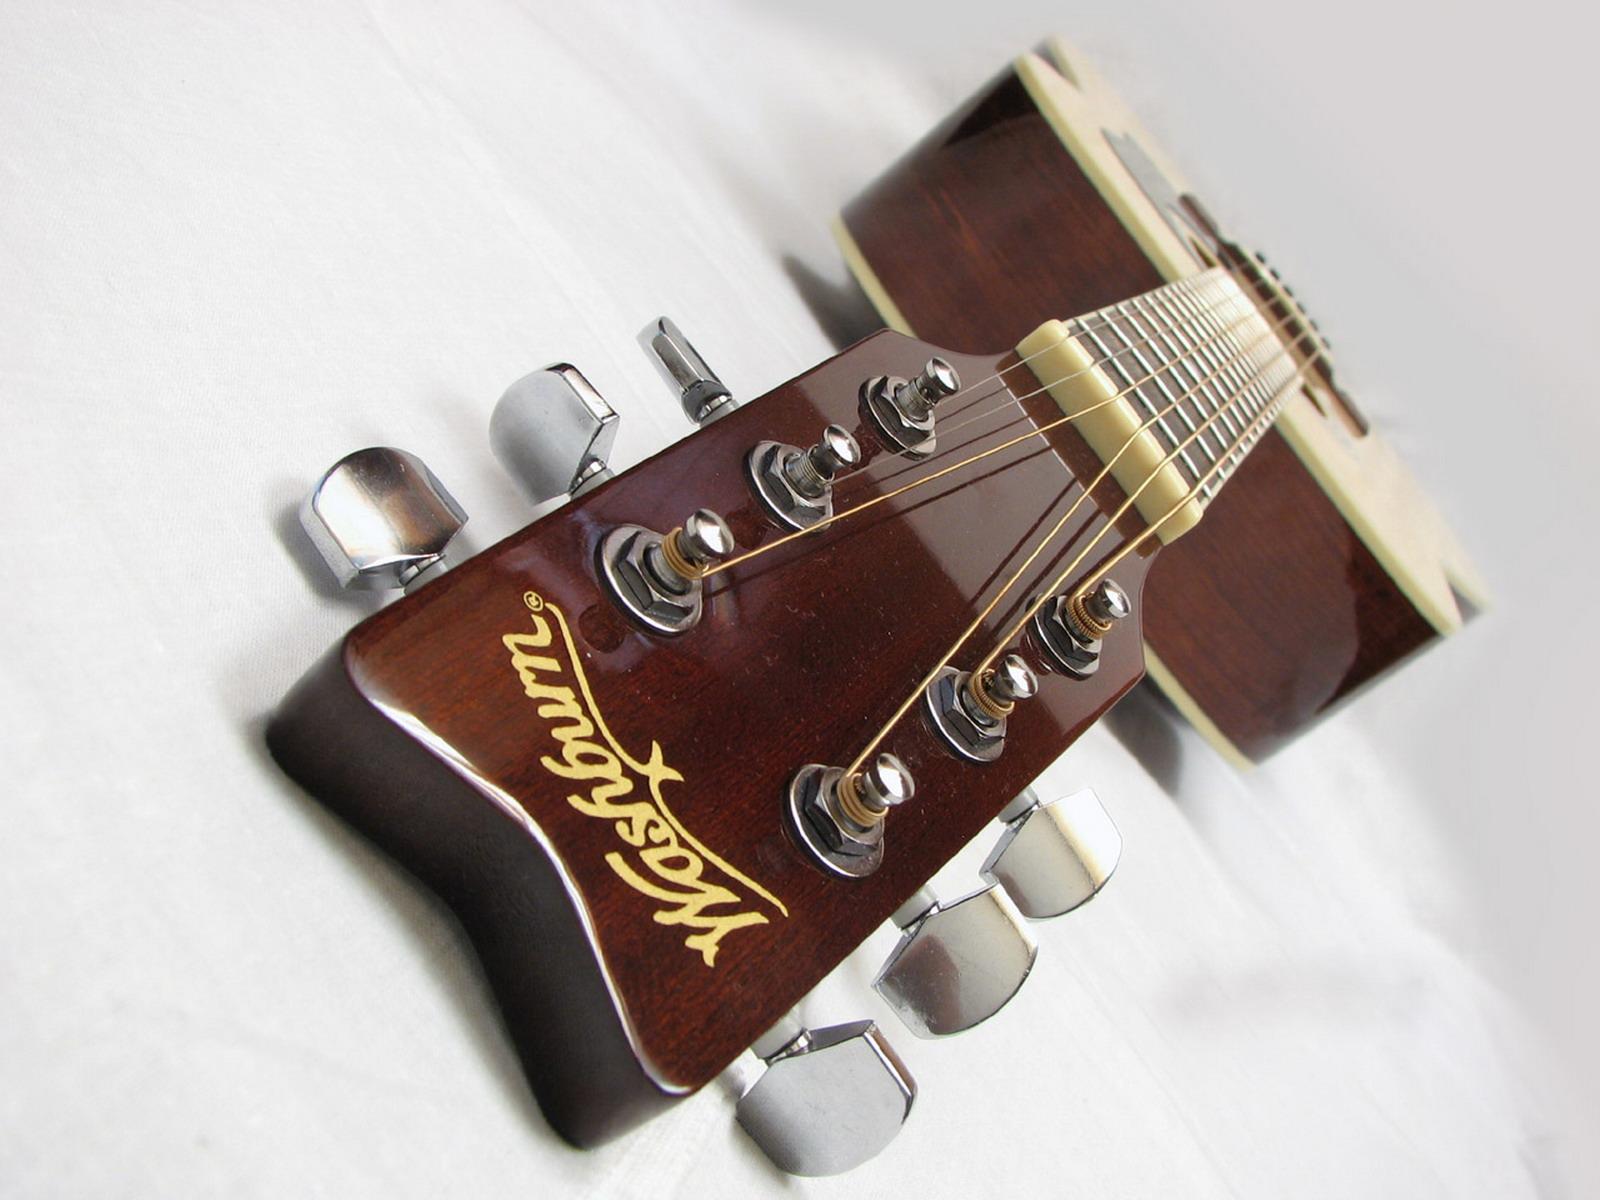 вот хочу купить гитару но я полное дно ! выбрал которая понравилась, через 3 дня пойду покупать от washburn думаю чт ... - Изображение 1